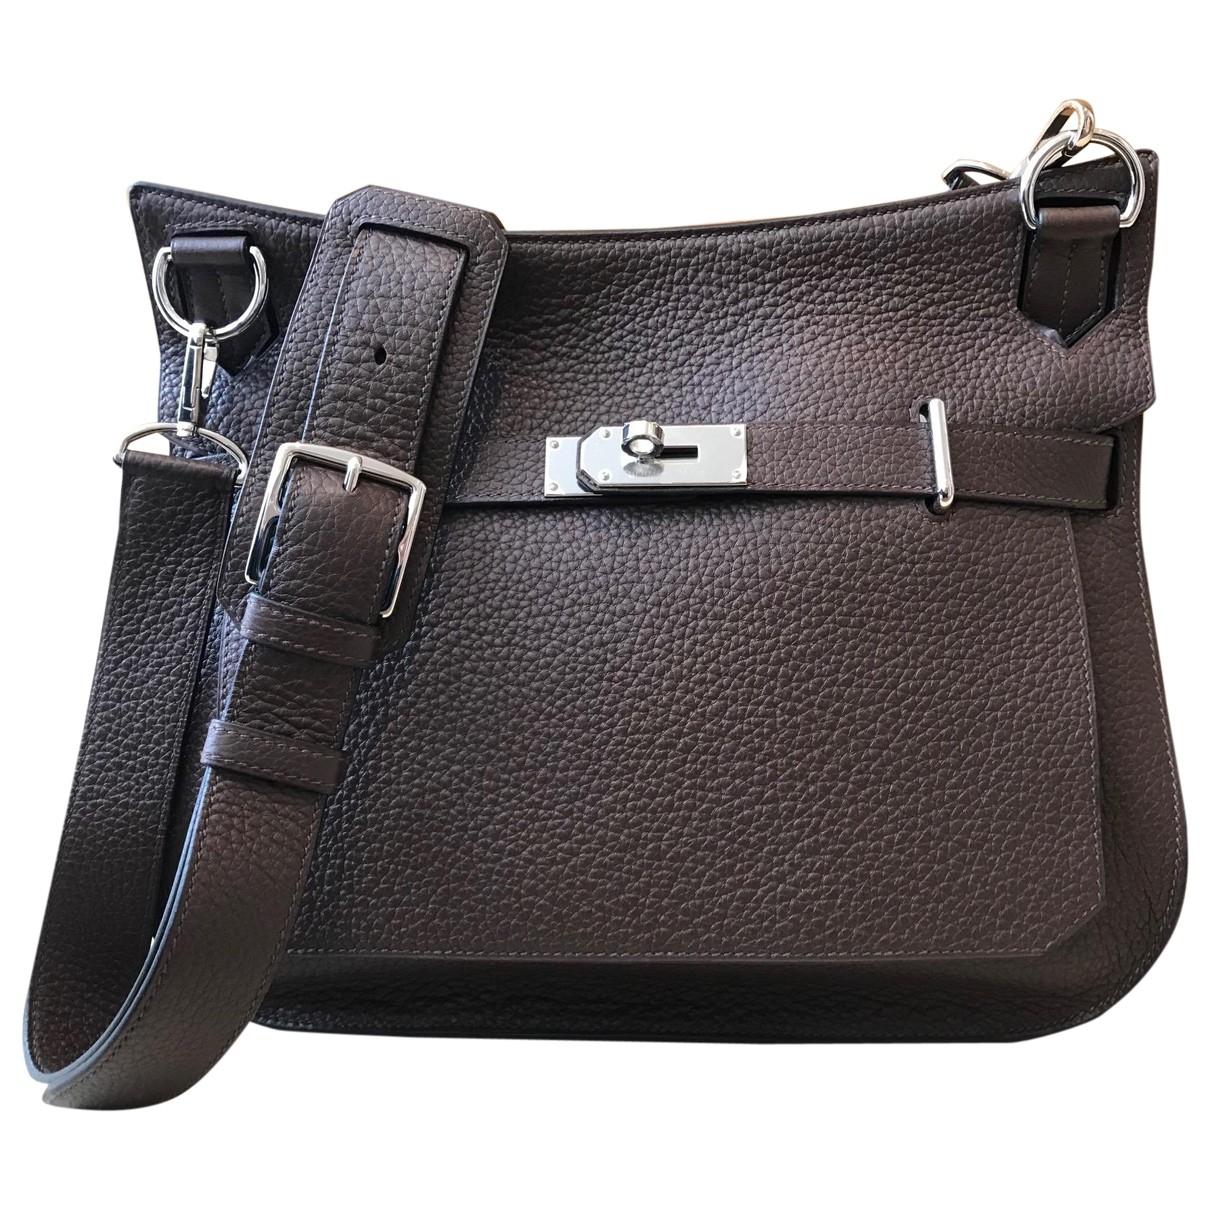 Hermes Jypsiere Handtasche in  Braun Leder